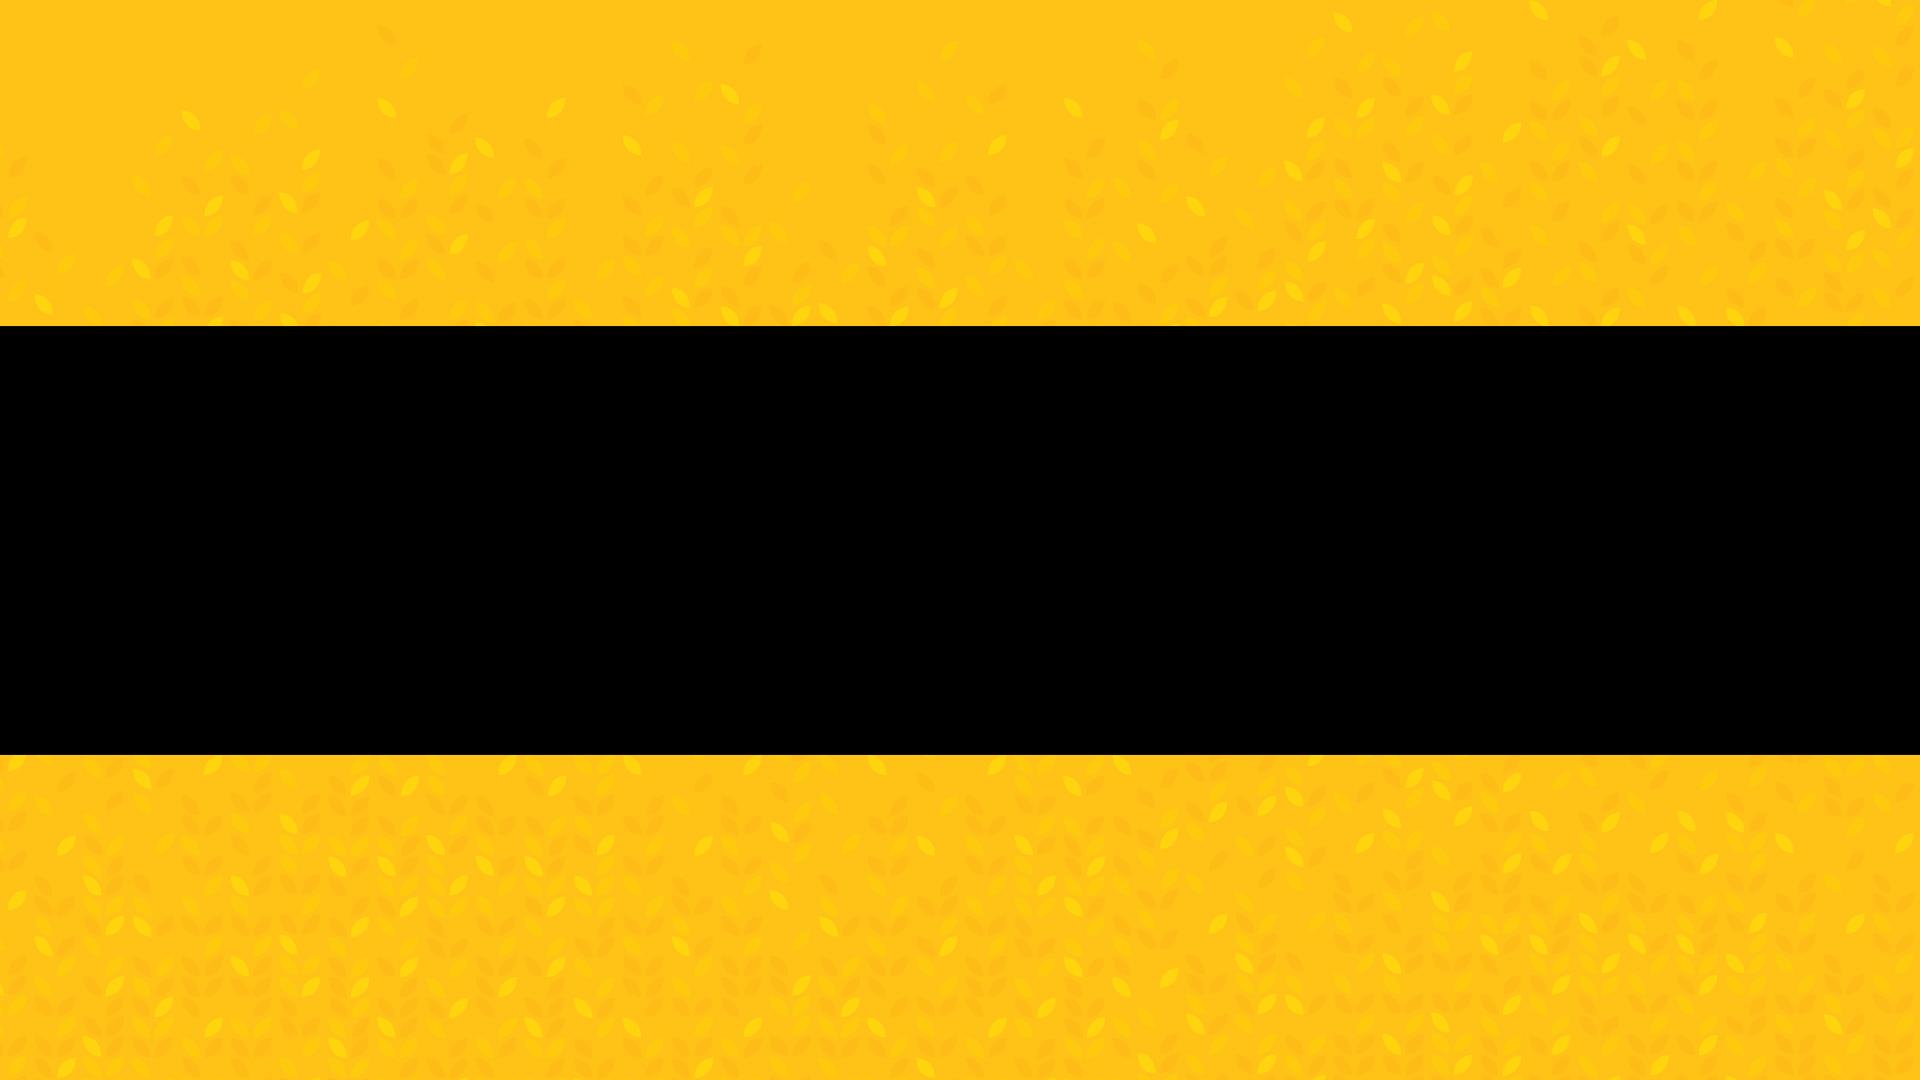 CMD-Blank-Slide